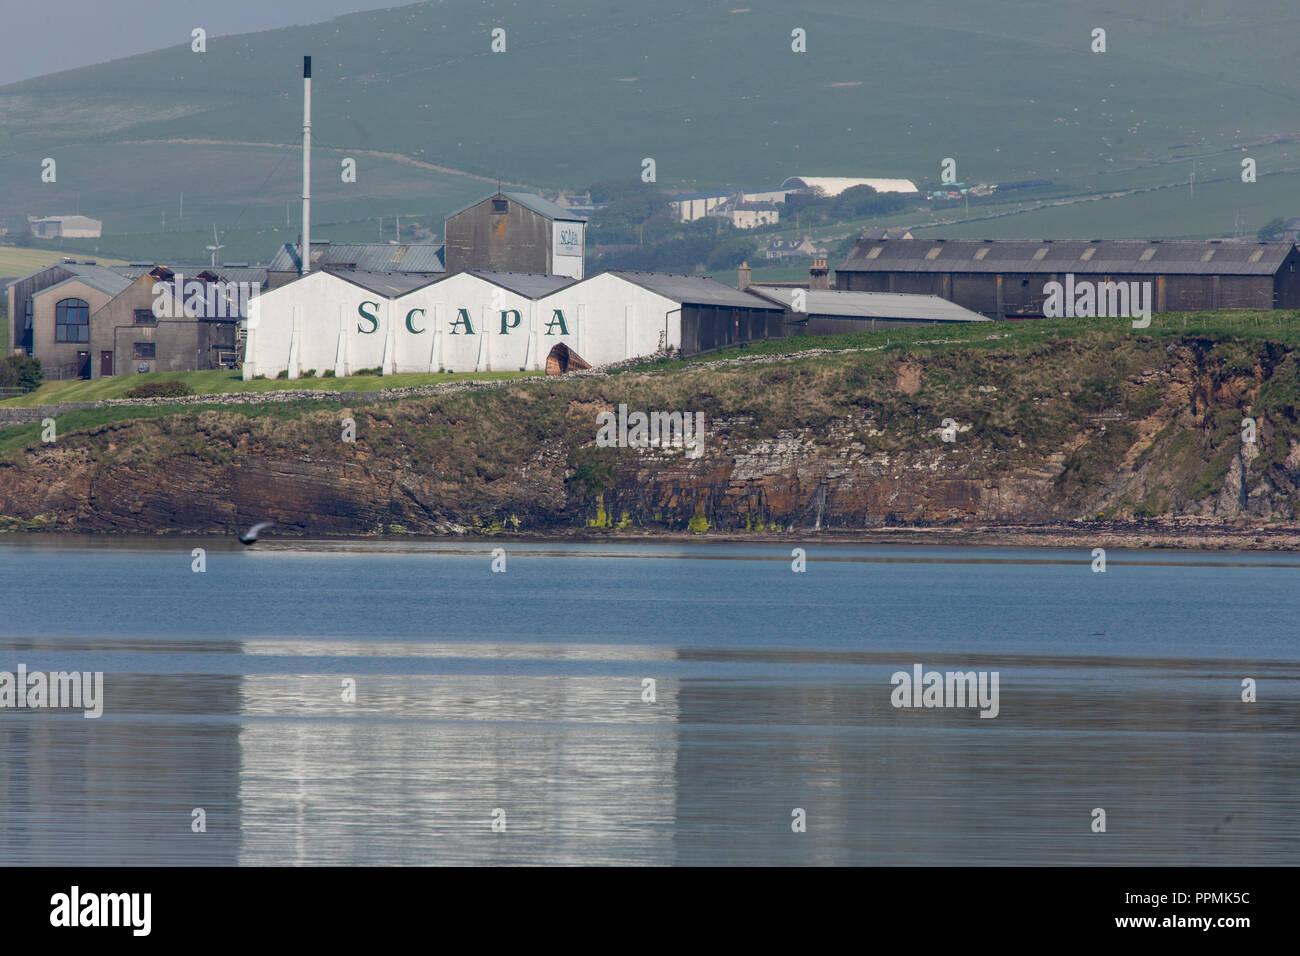 Scapa Destillerie - Stock Image